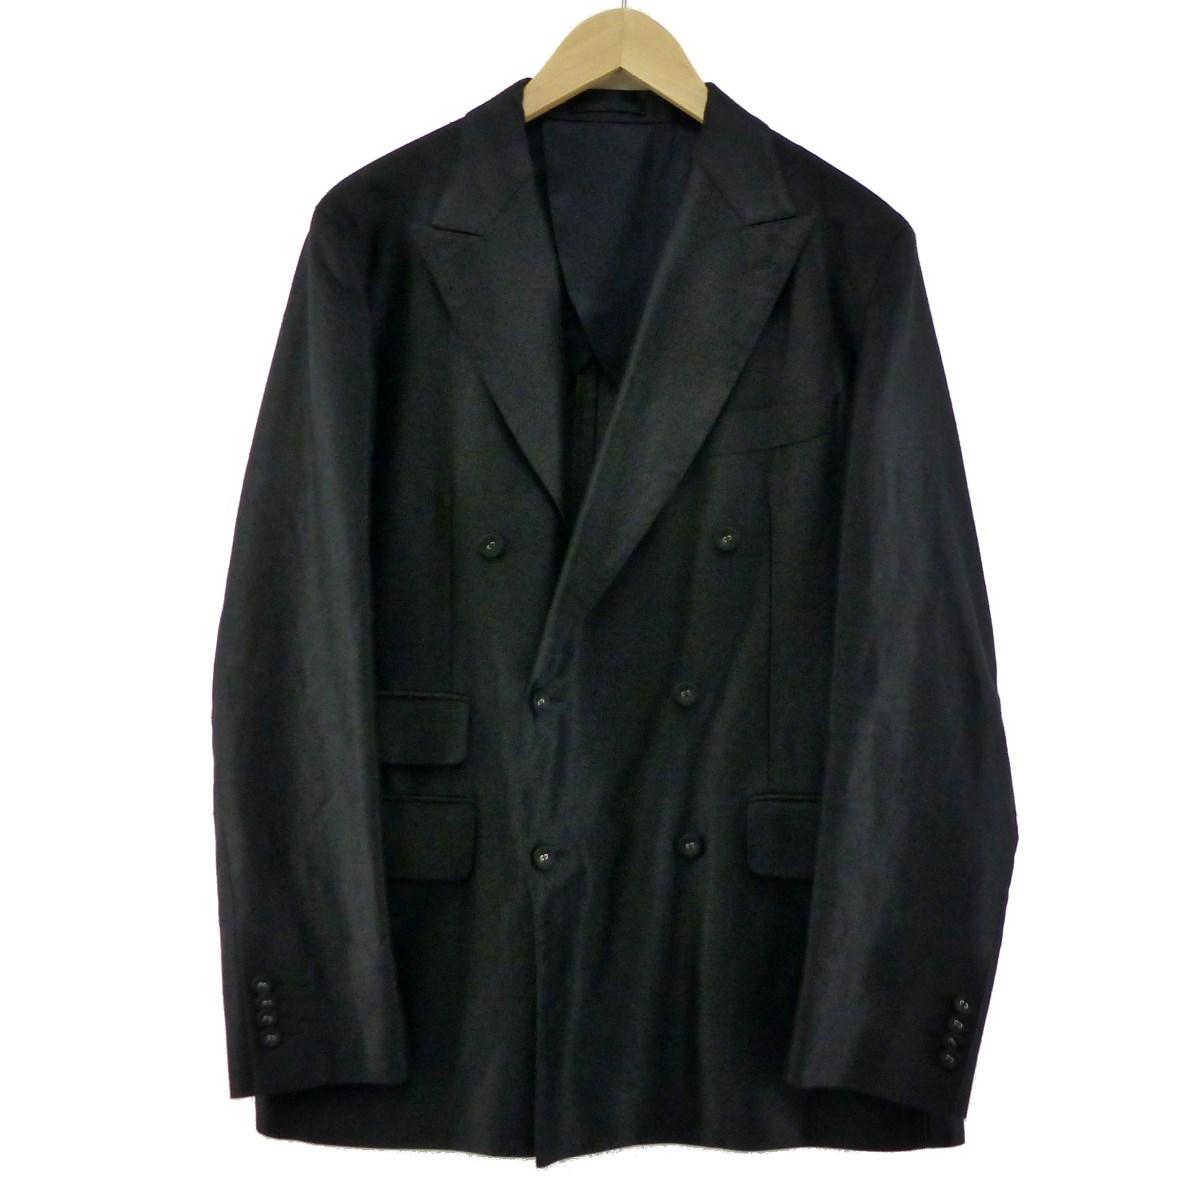 【中古】KABELシルク混モールスキン ダブルテーラードジャケット ブラック サイズ:2 【6月26日見直し】